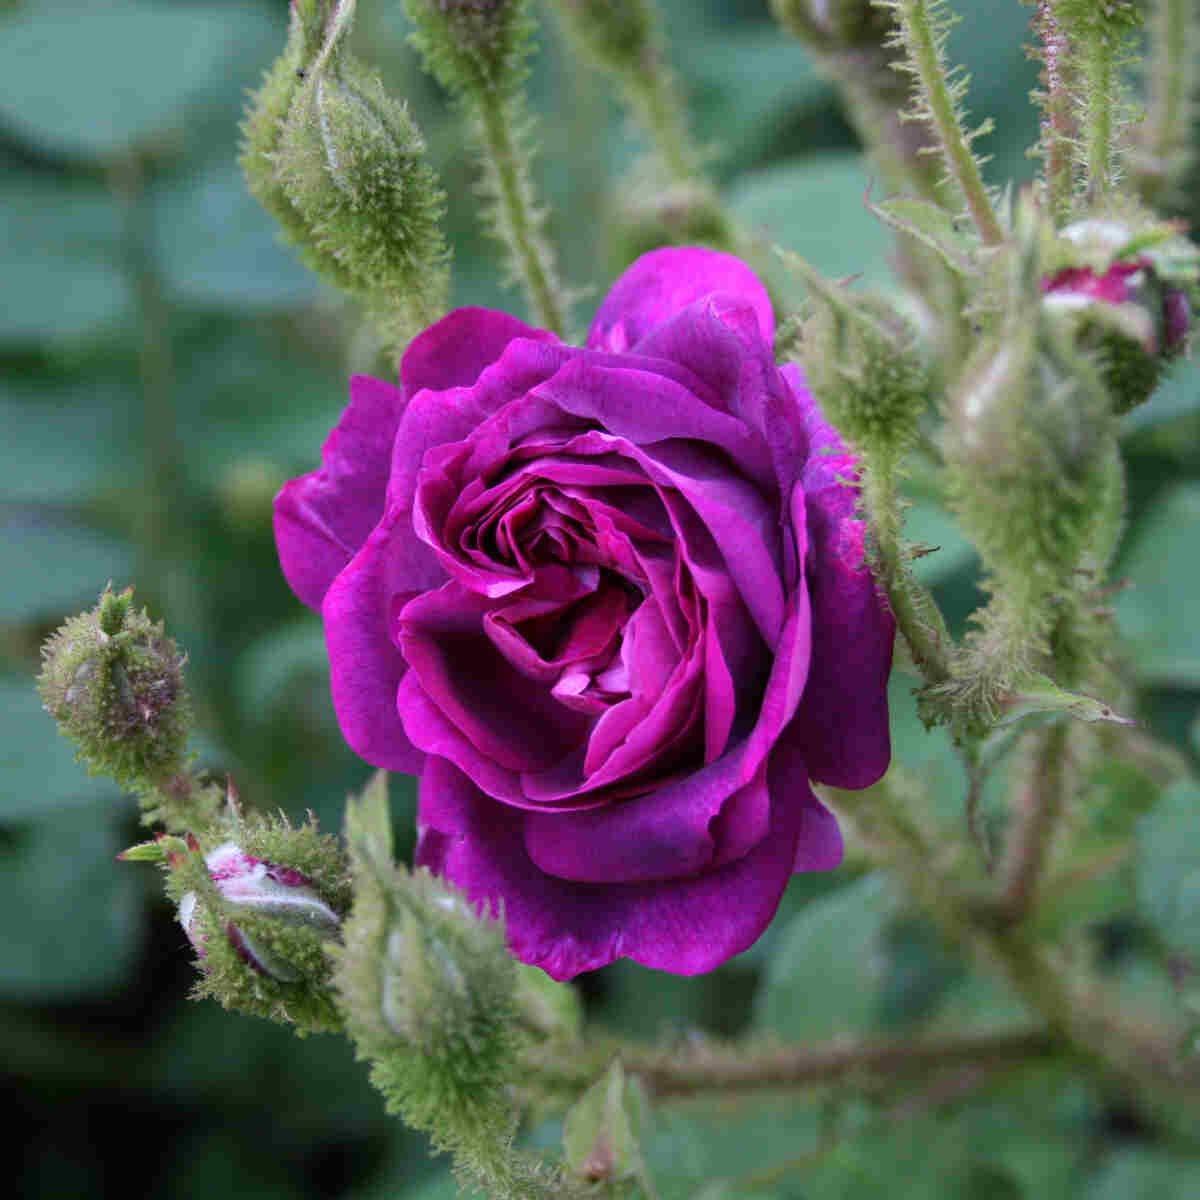 Mosrose centifolia 'William Lobb'